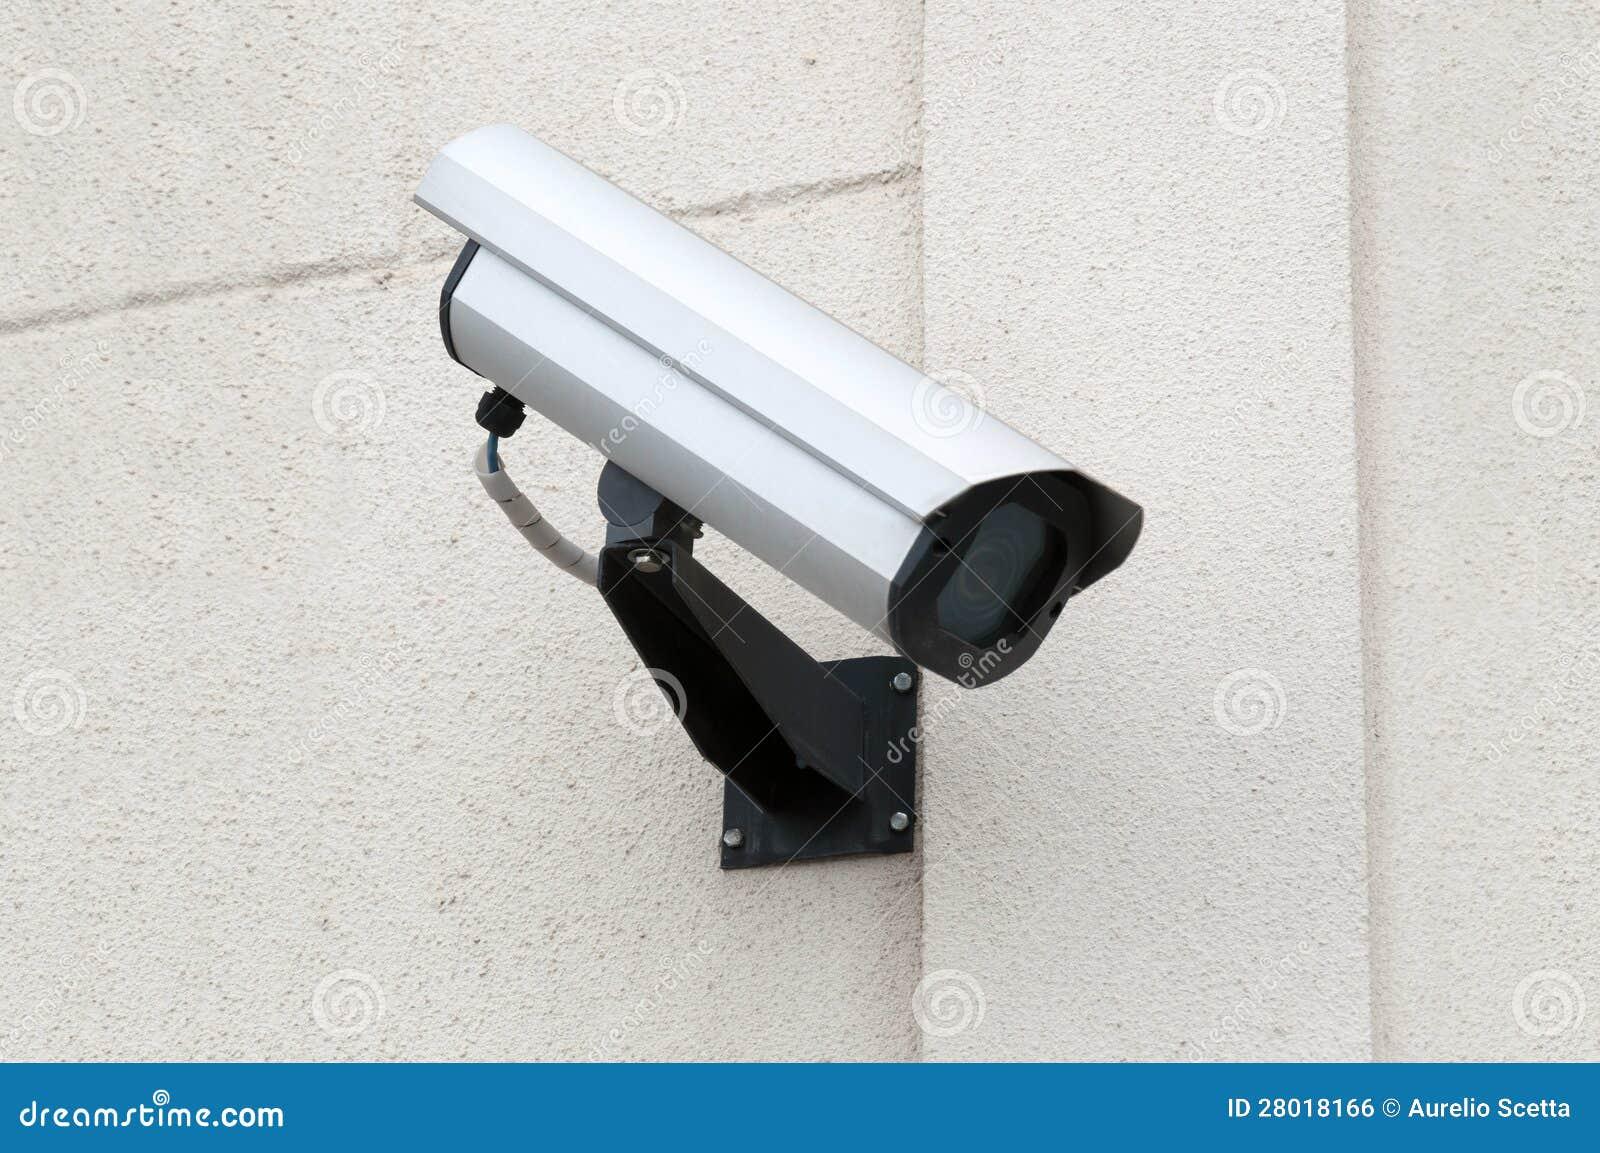 Videocamera di sicurezza di sorveglianza immagine stock - Videocamera di sicurezza ...